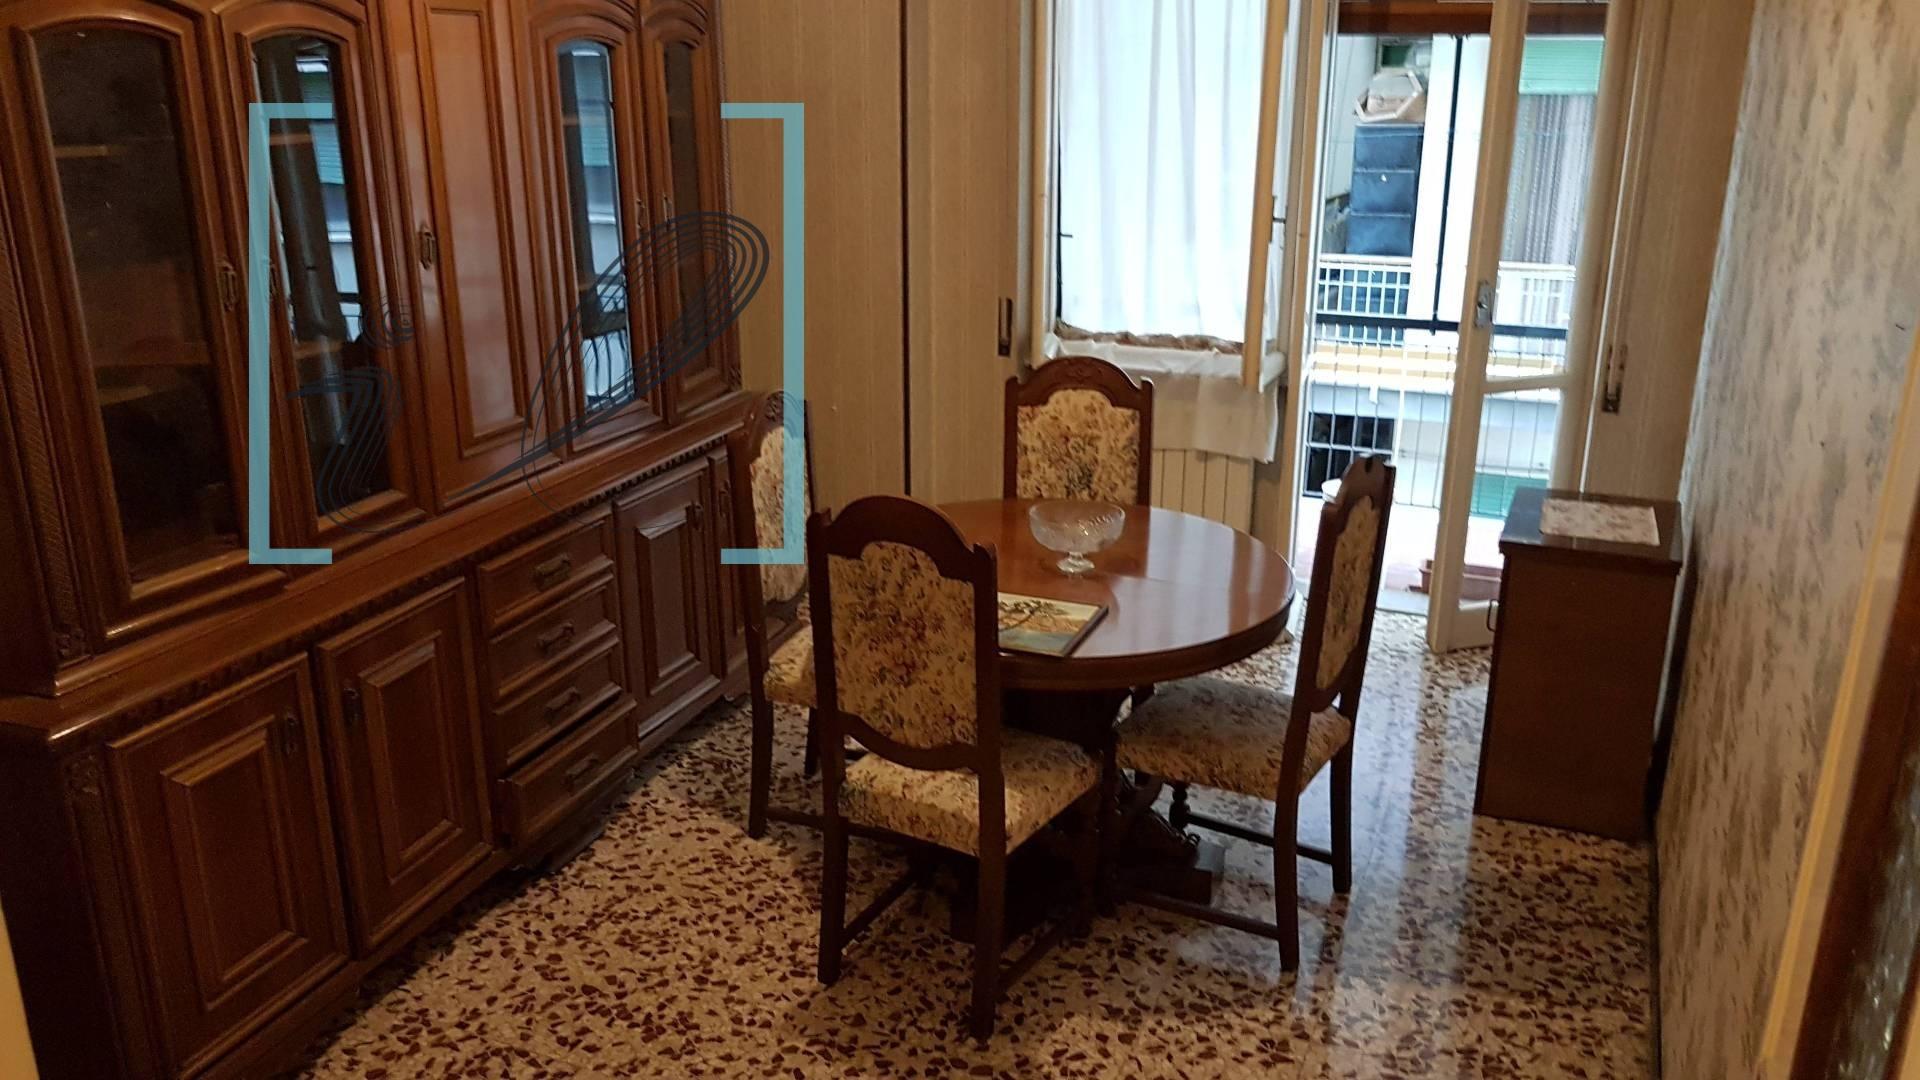 Appartamento in vendita a Albenga, 3 locali, prezzo € 125.000 | CambioCasa.it